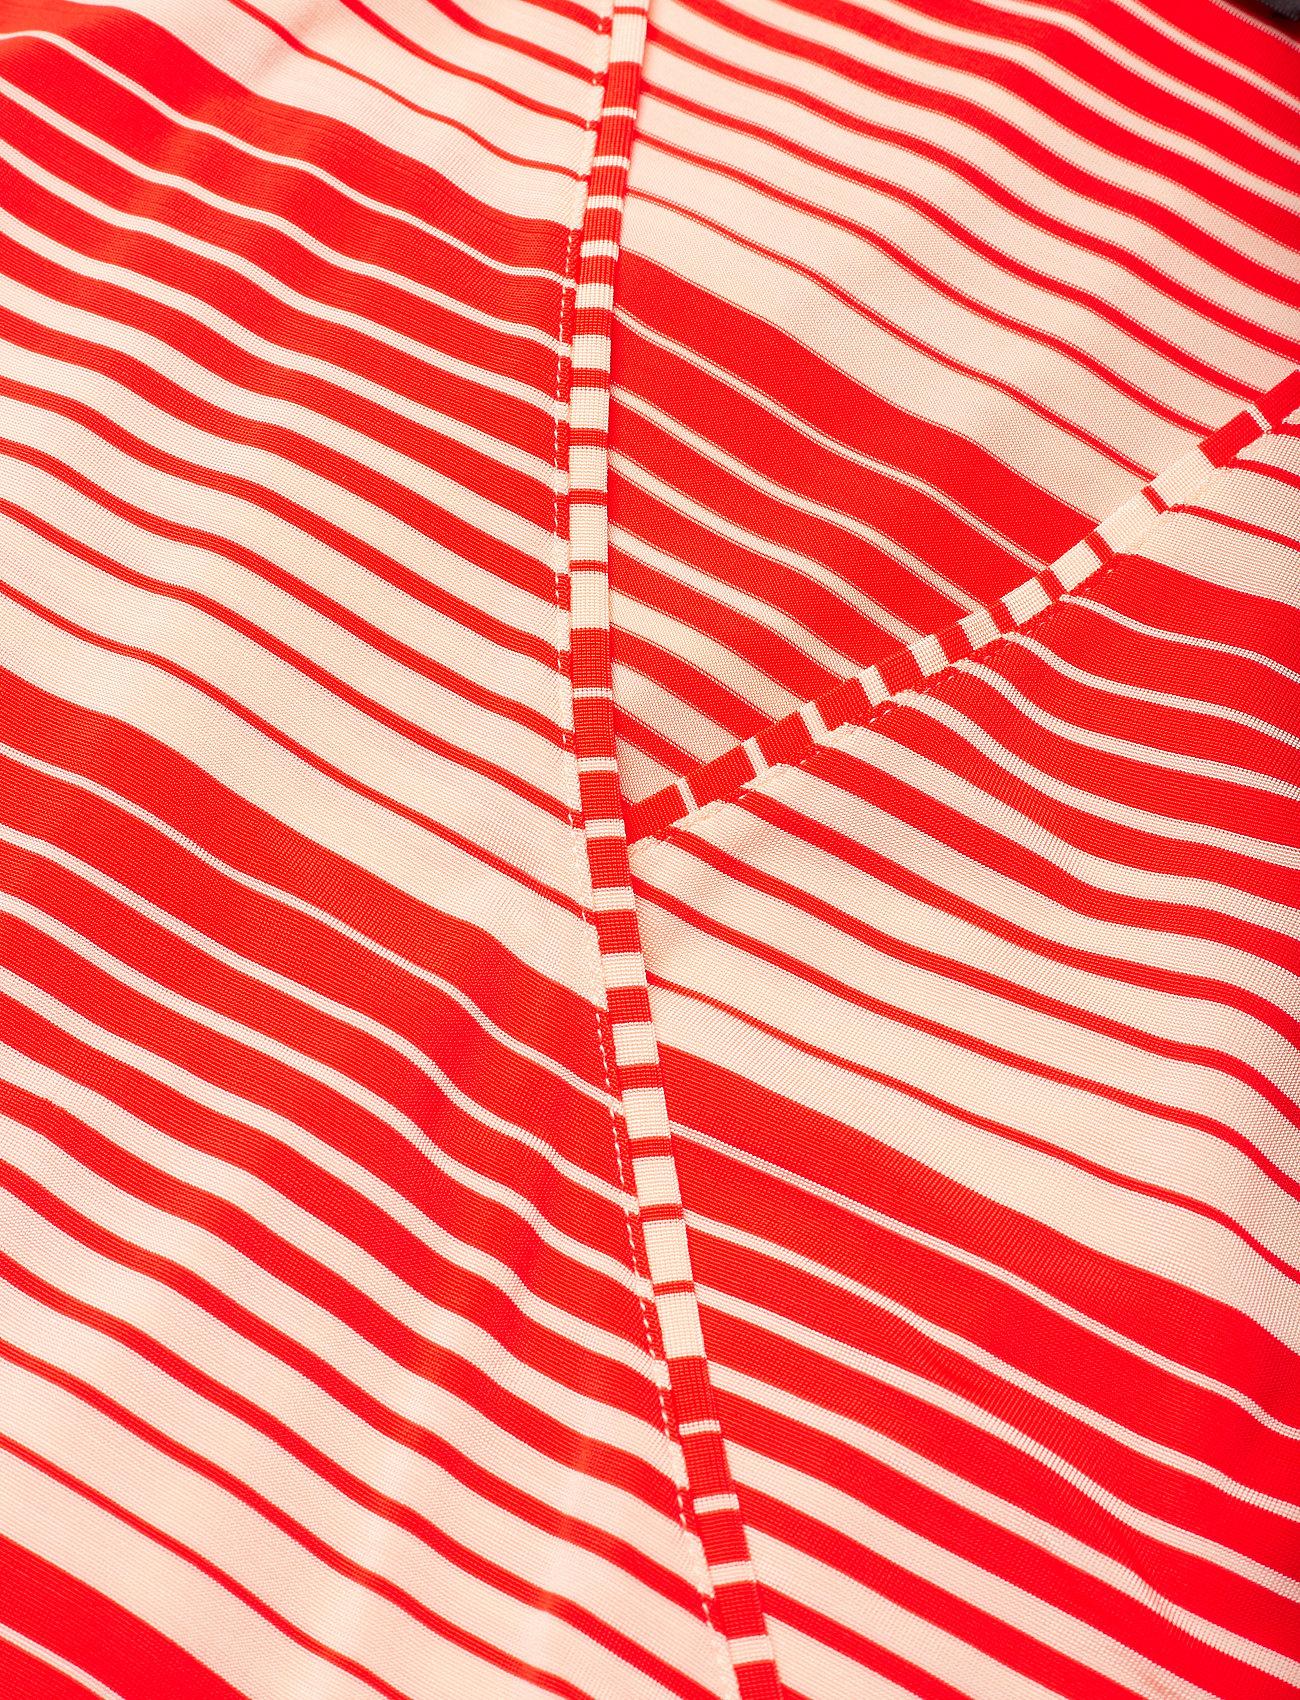 RedStine Goya Alina623 Jerseystripes Light bf7gyYIvm6